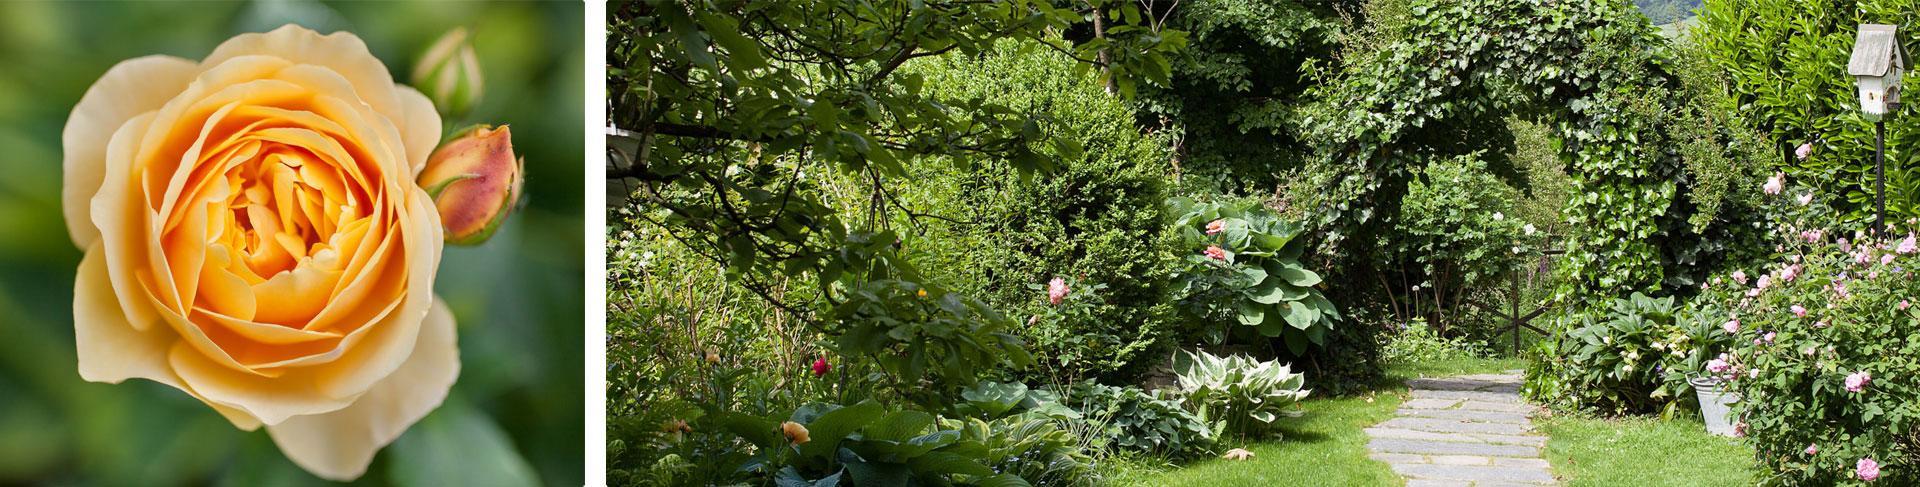 Idylle im wunderschönen Garten